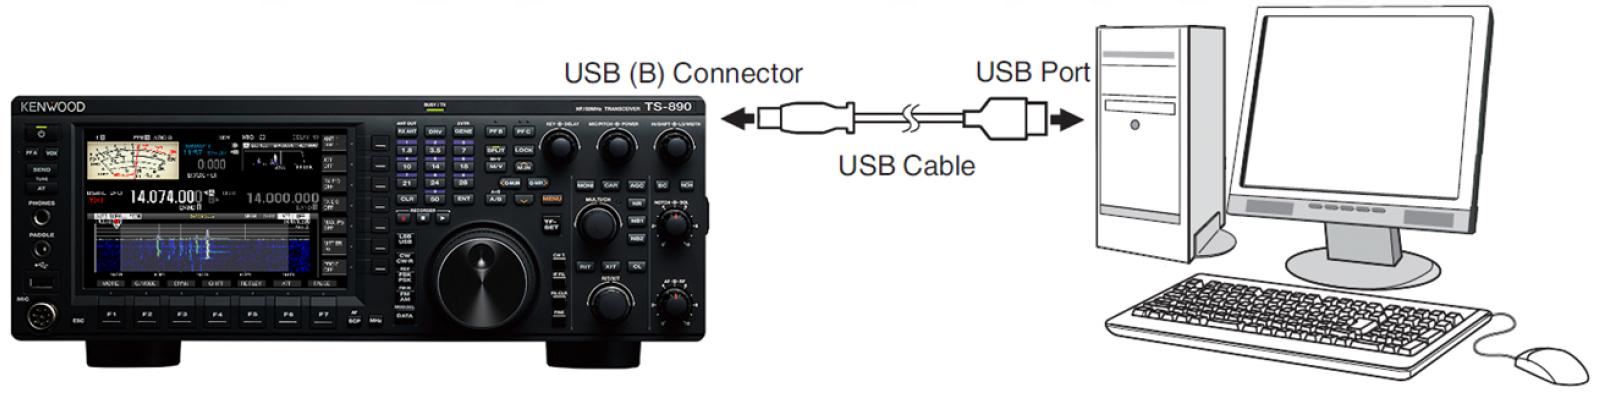 Come configurare Kenwood TS-890S con WSJT-X per la modalità FT8